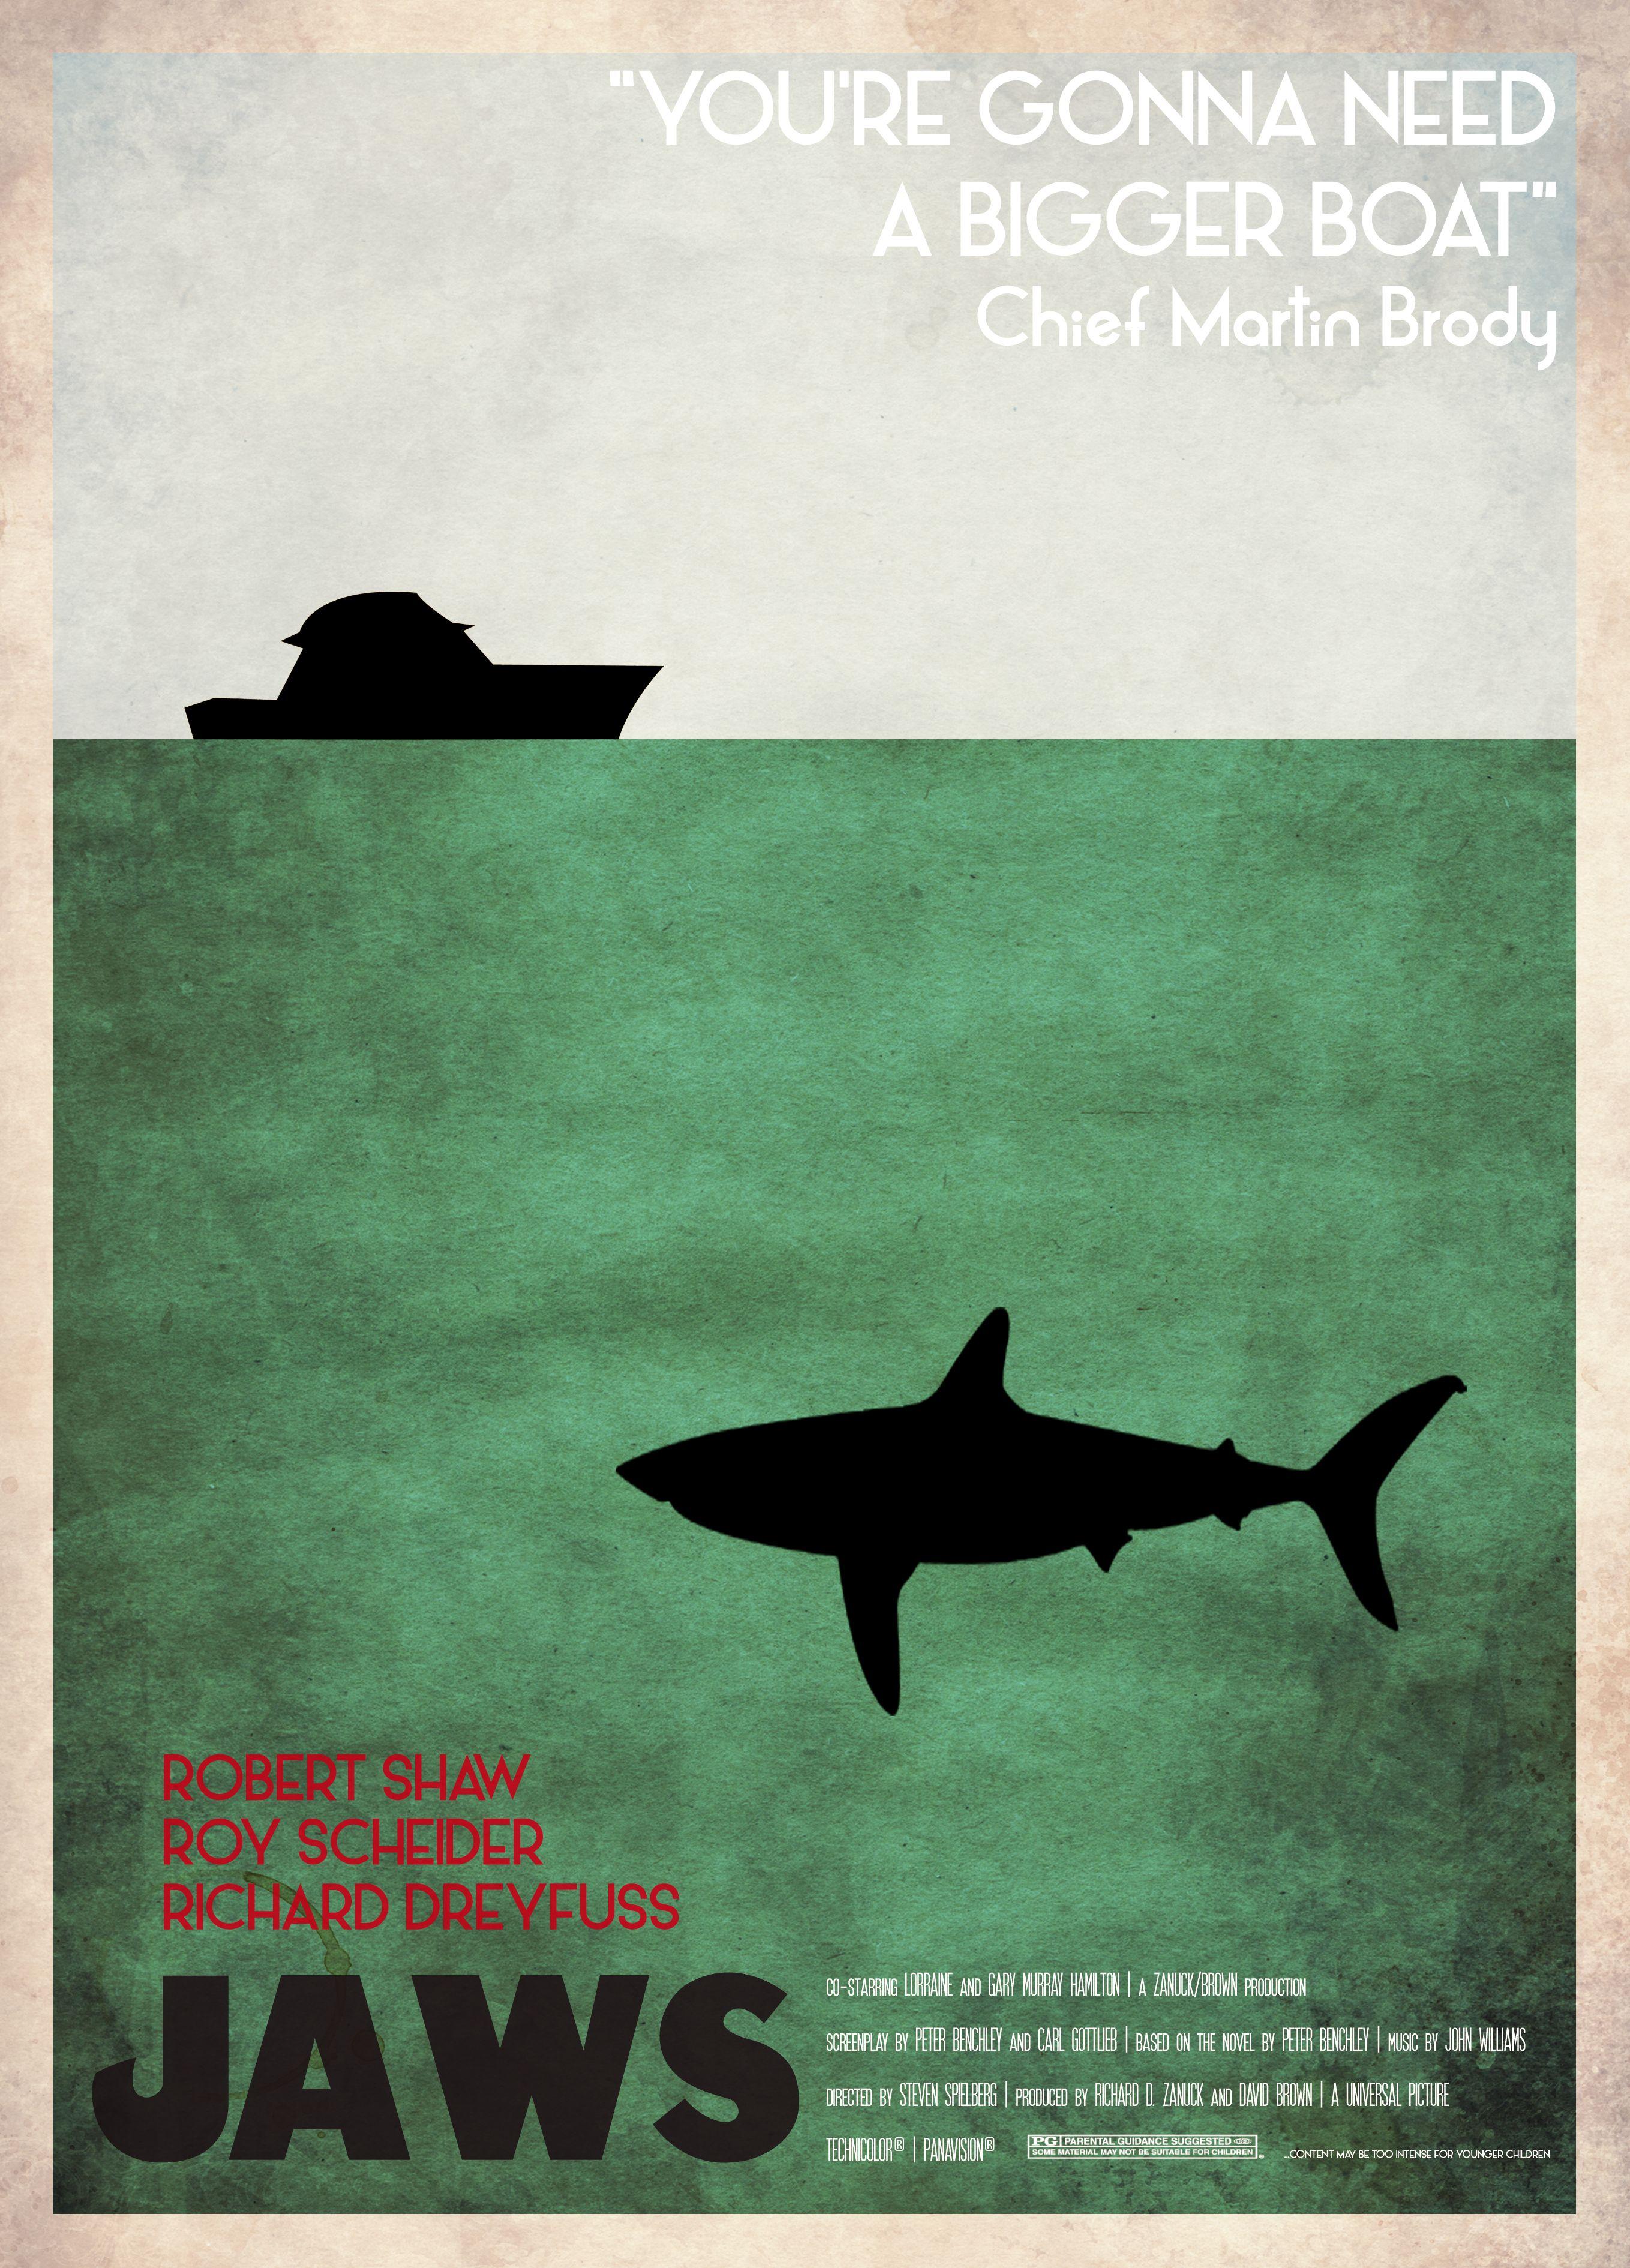 Retro Jaws Movie Poster Http Fav Me D7l82xm Jaws Movie Poster Jaw Jaws Movie